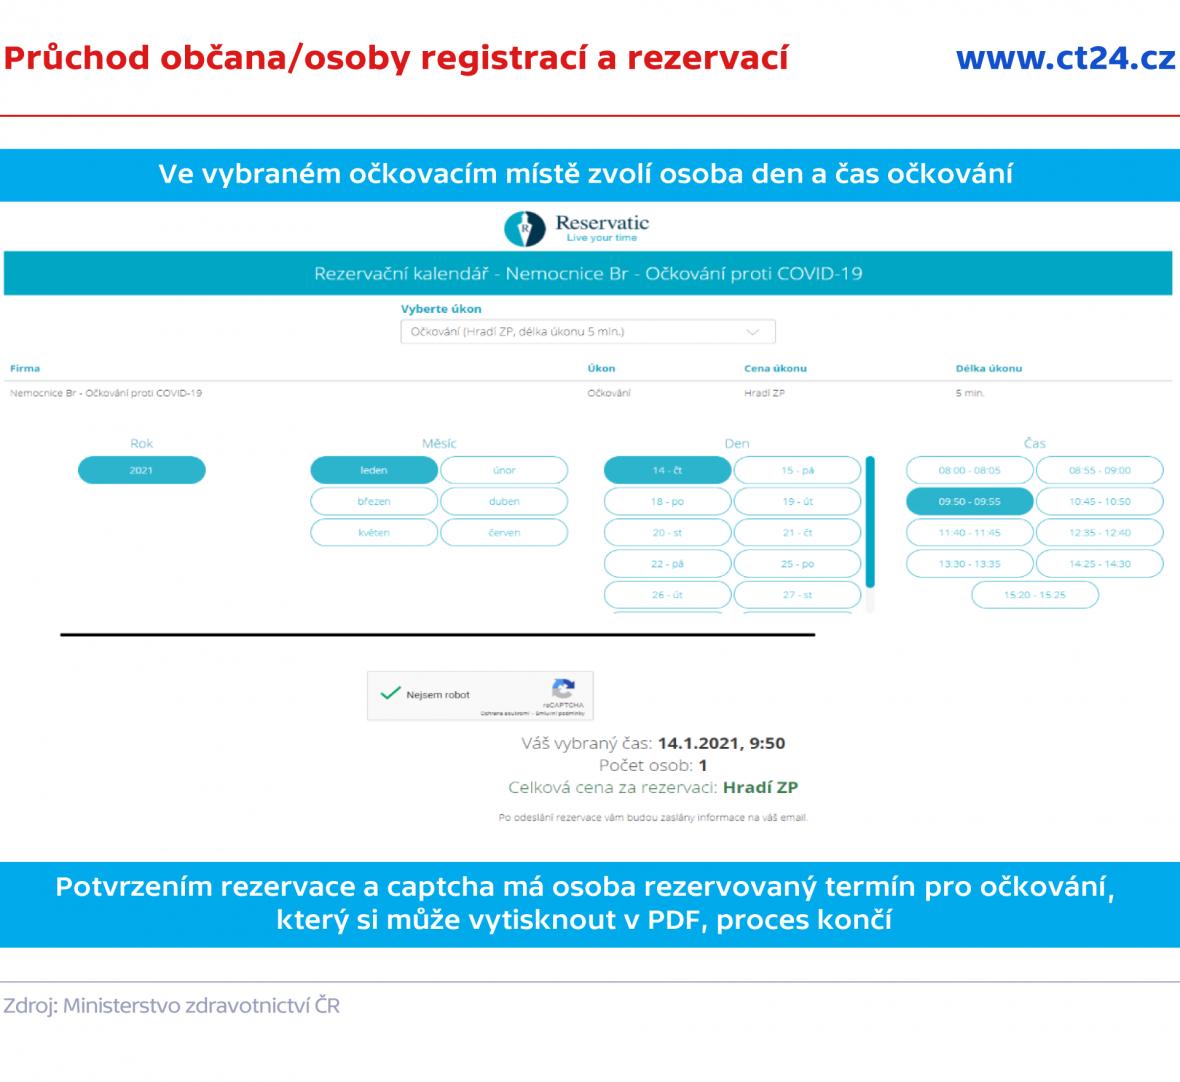 Průchod občana/osoby registrací a rezervací